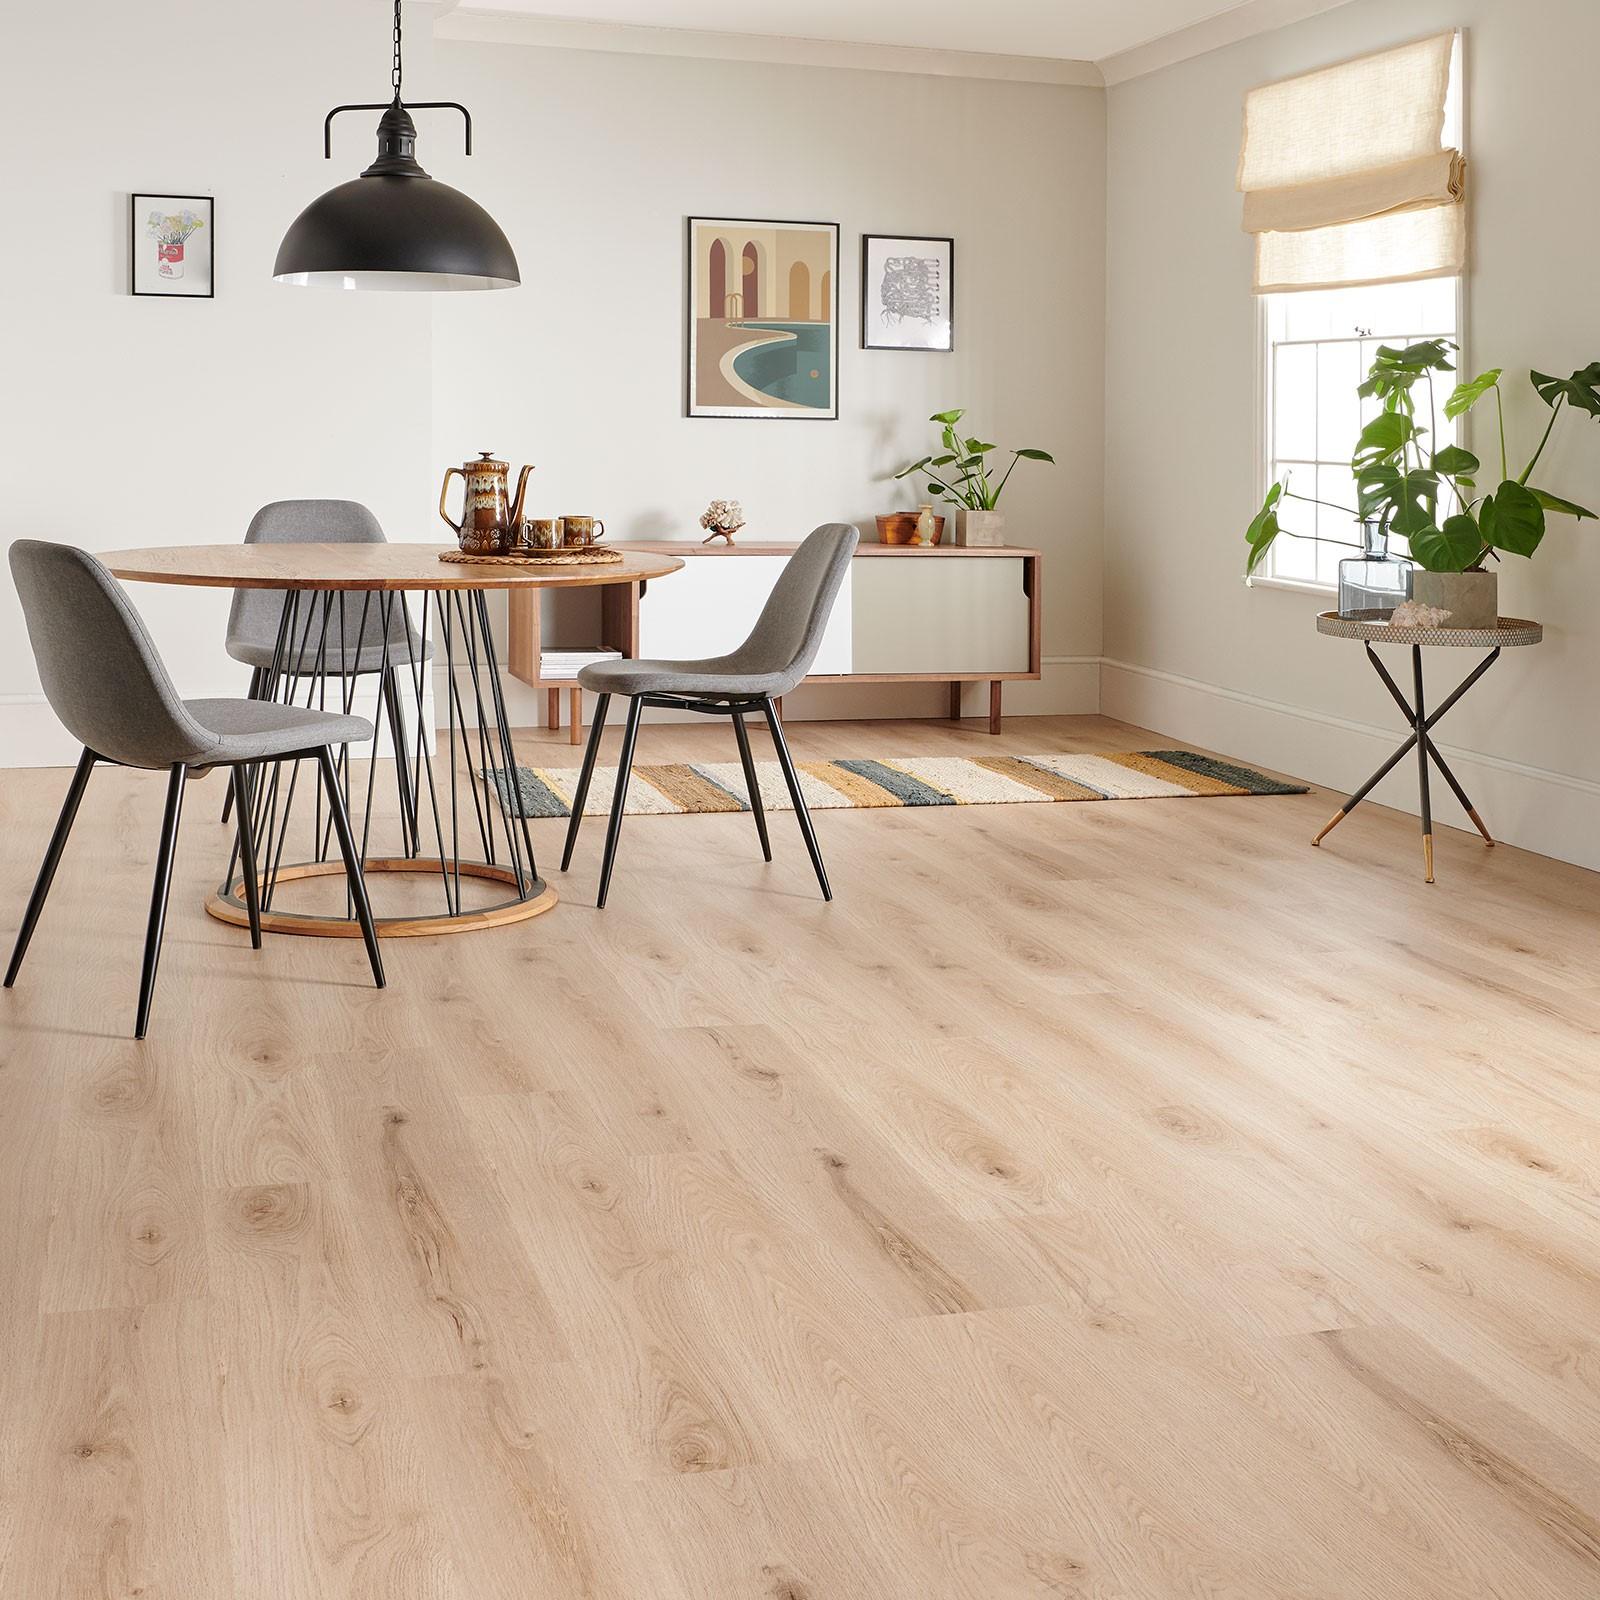 Tendances parquet en 2020: Parquet flottant pour votre salle à manger.